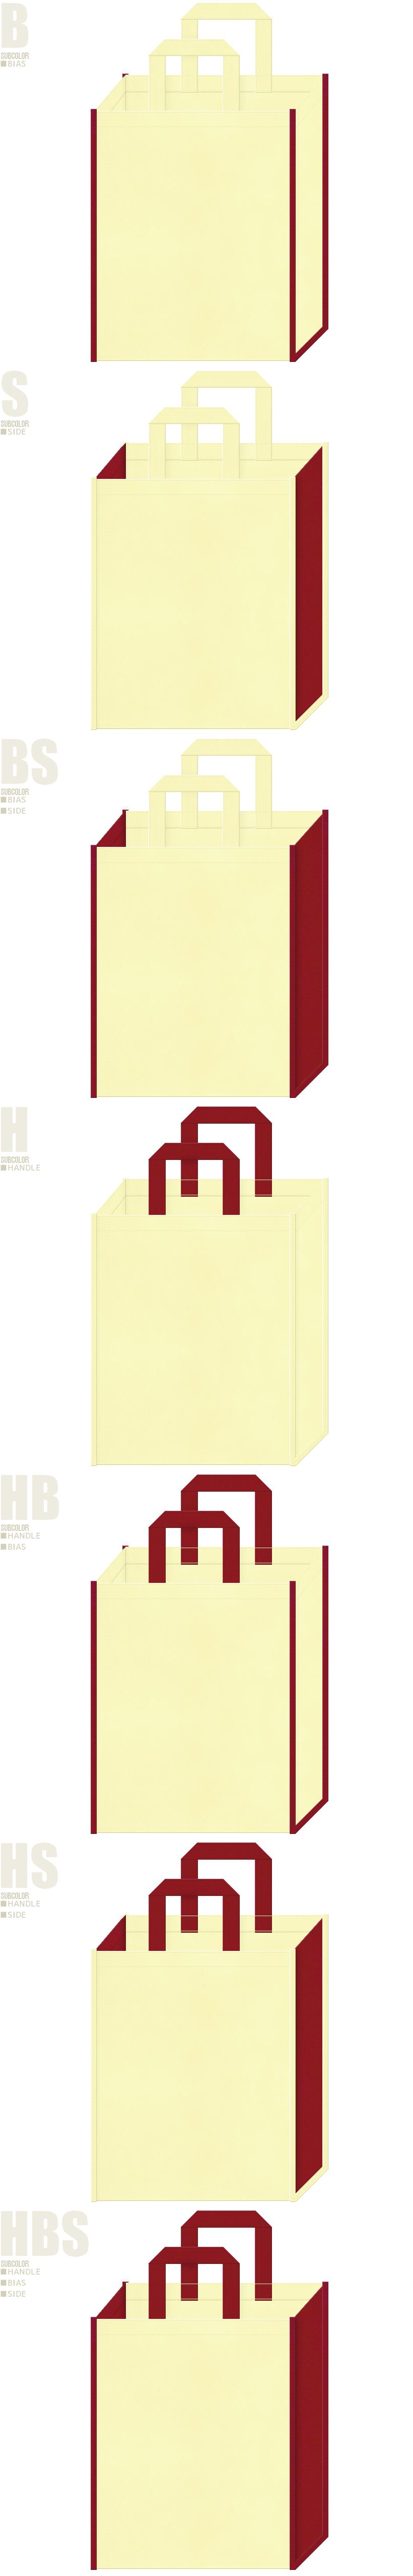 薄黄色とエンジ色、7パターンの不織布トートバッグ配色デザイン例。